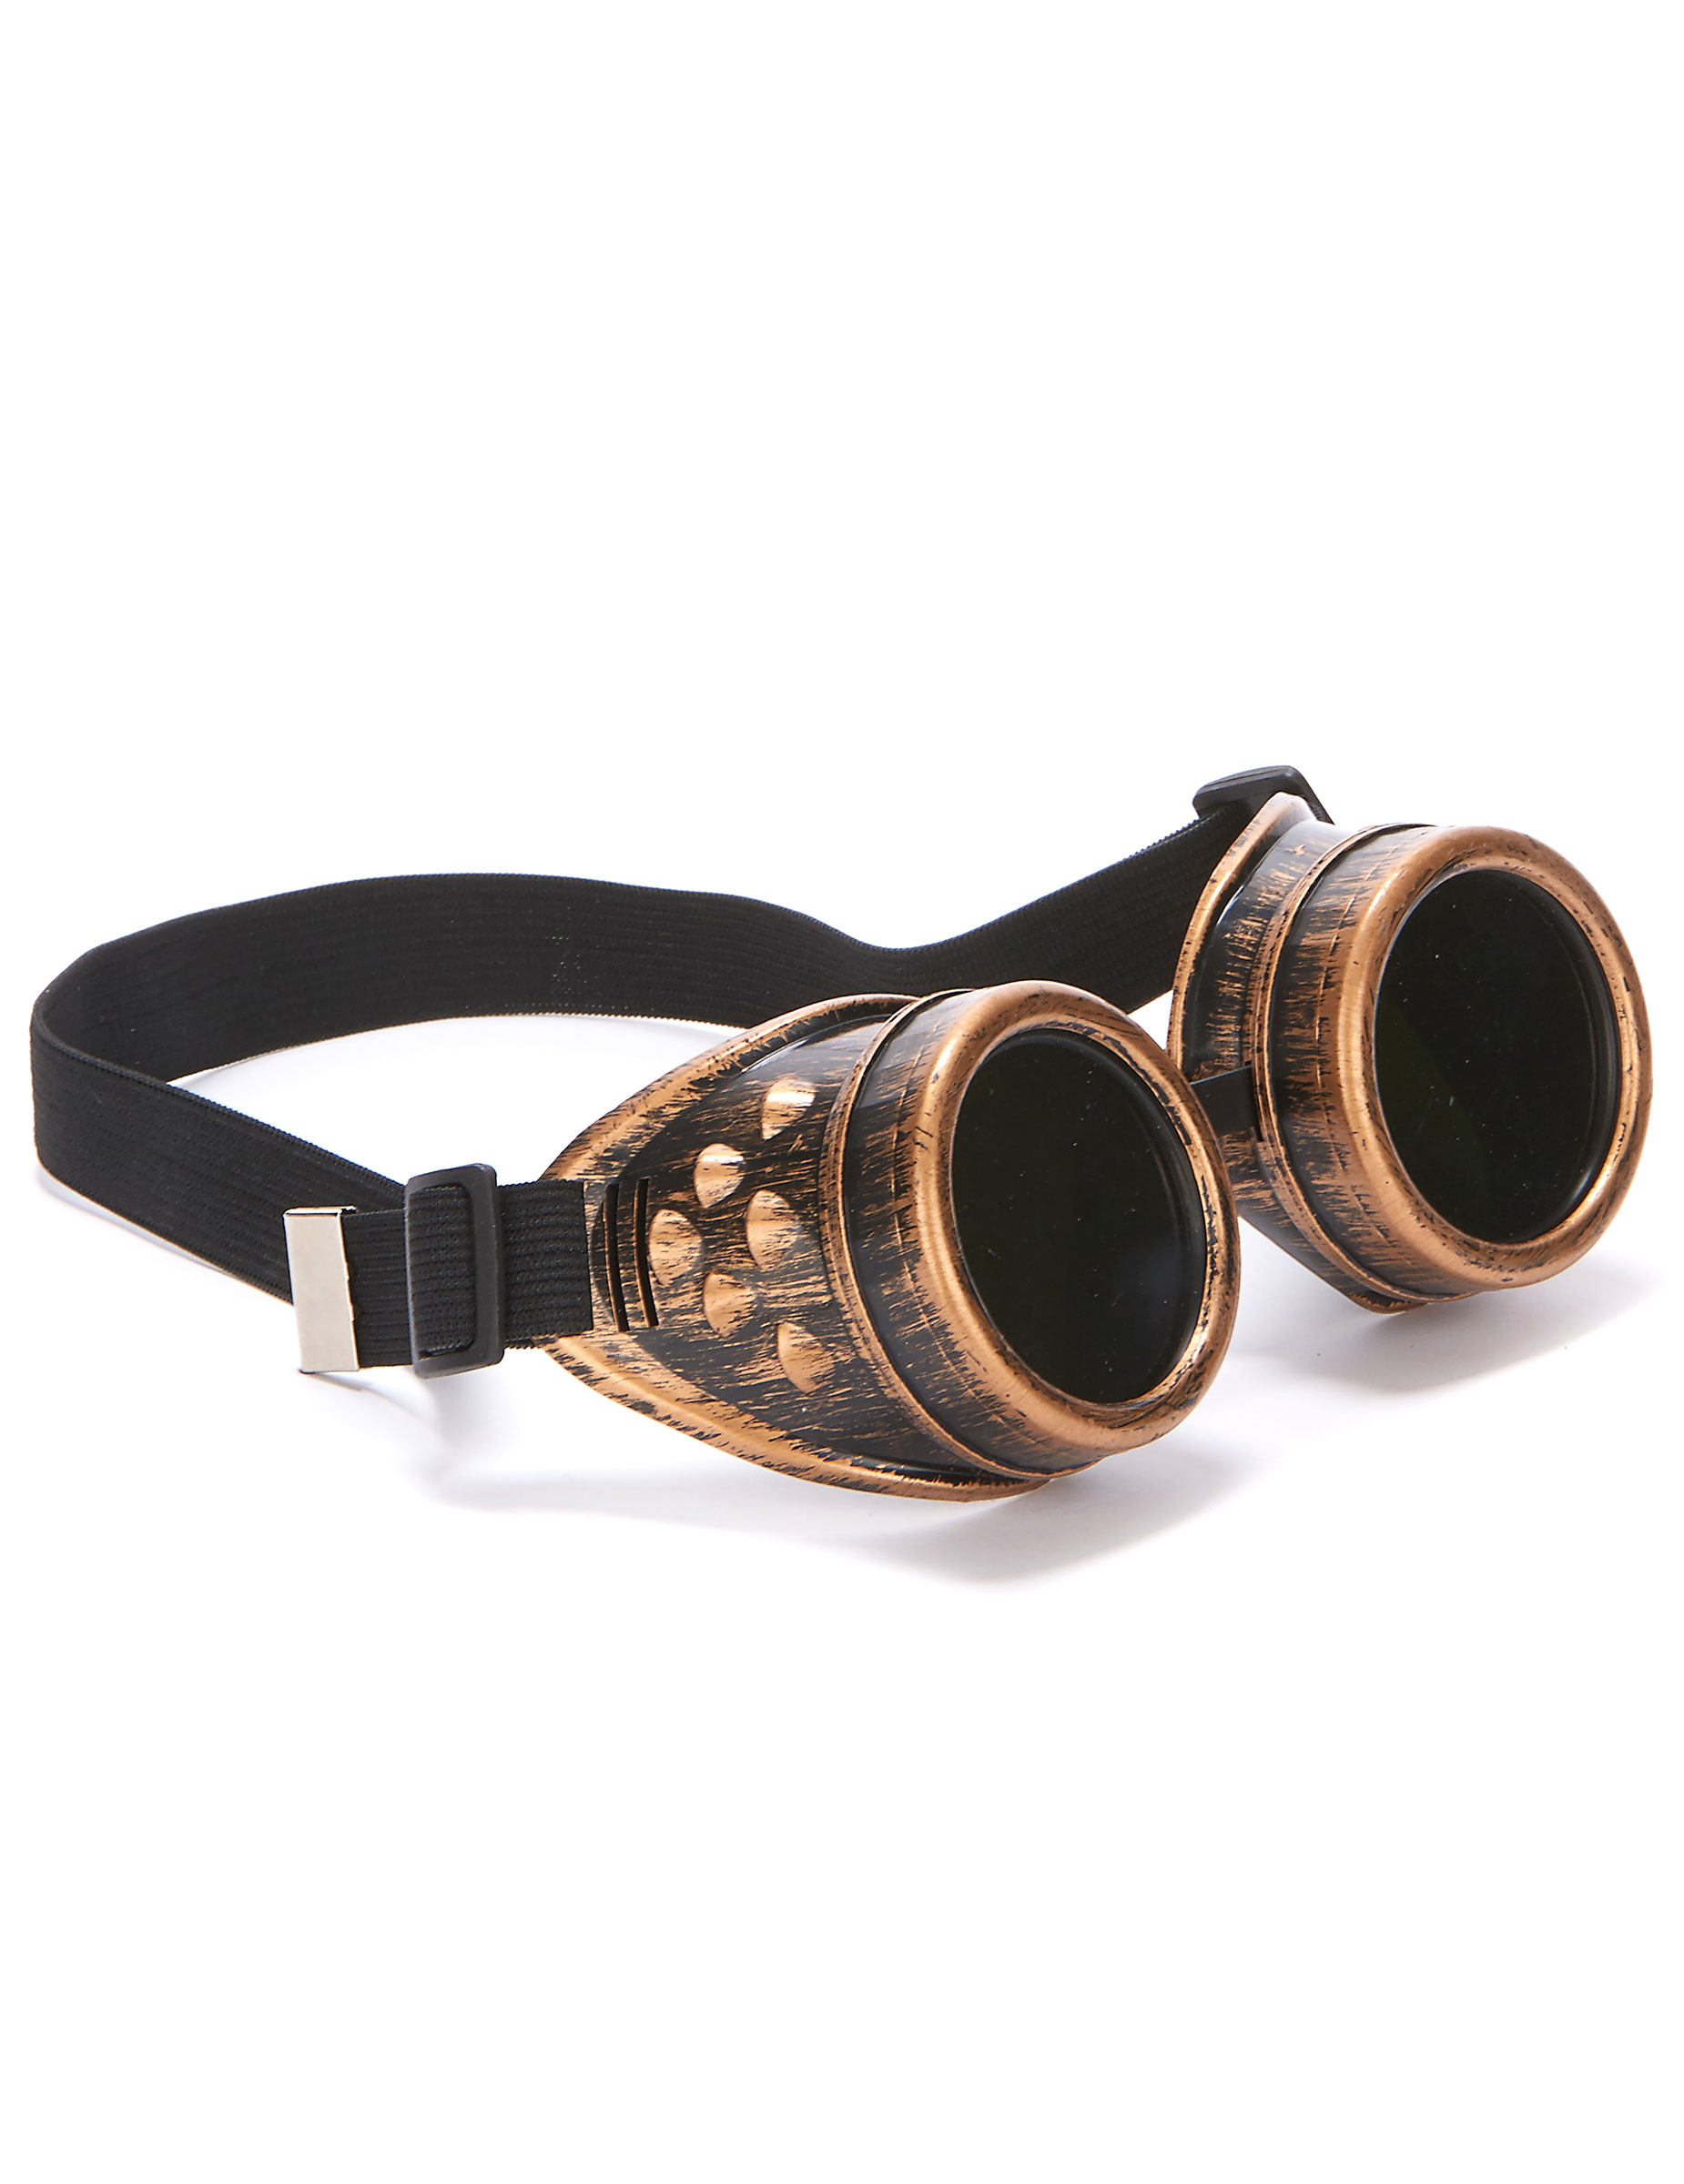 6e4dd3201c Gafas aviador cobre Steampunk adulto: Accesorios,y disfraces ...